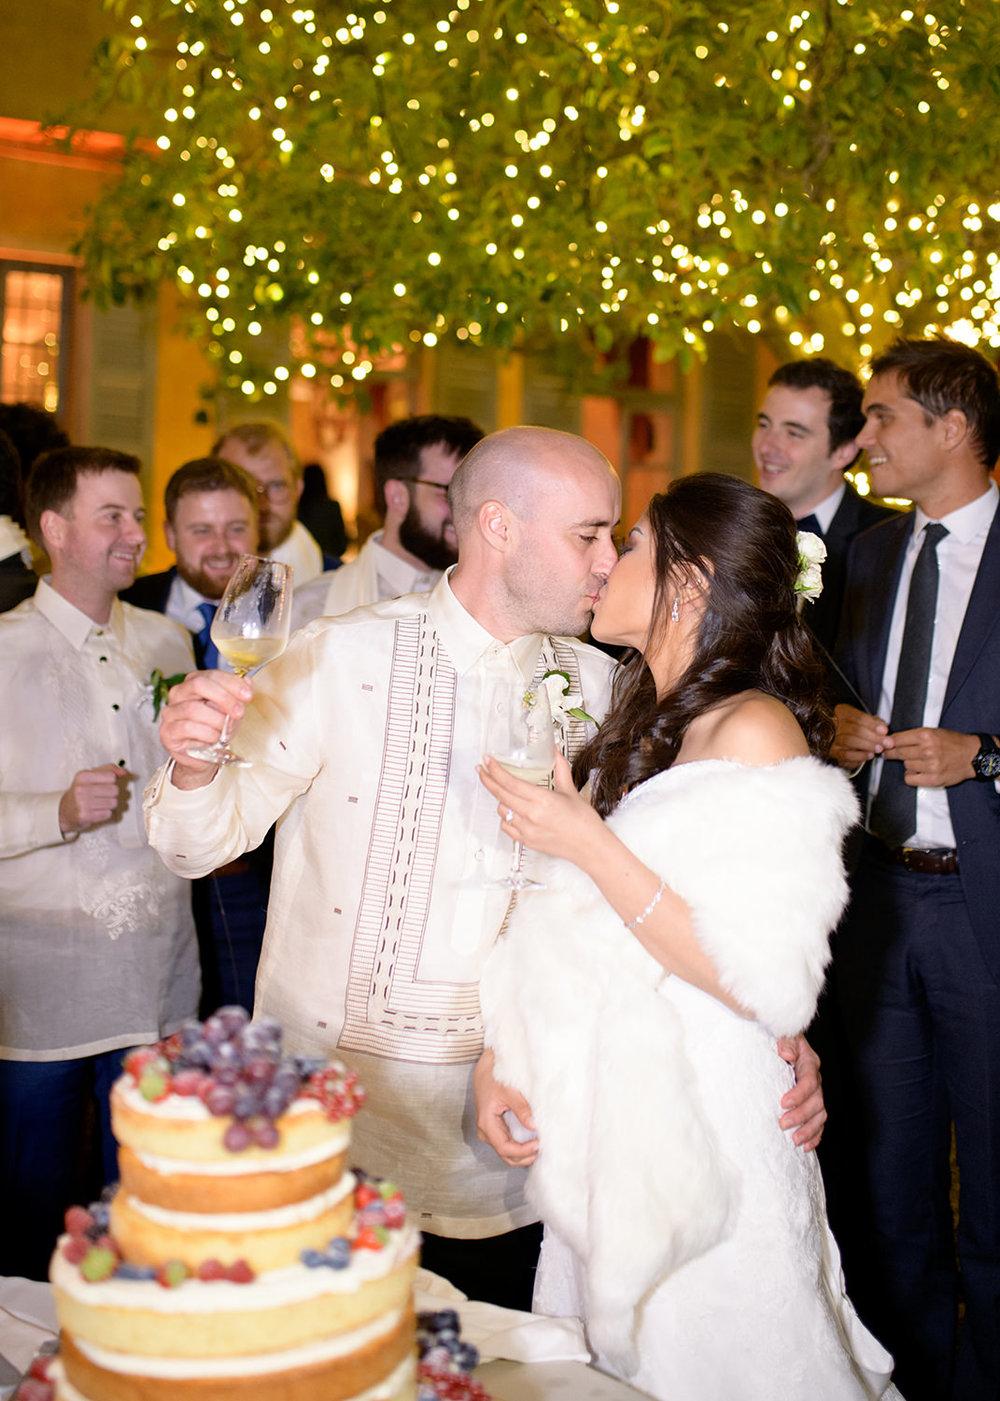 villa-regina-teodolinda-wedding-photographer-C&B-©bottega53-115.JPG